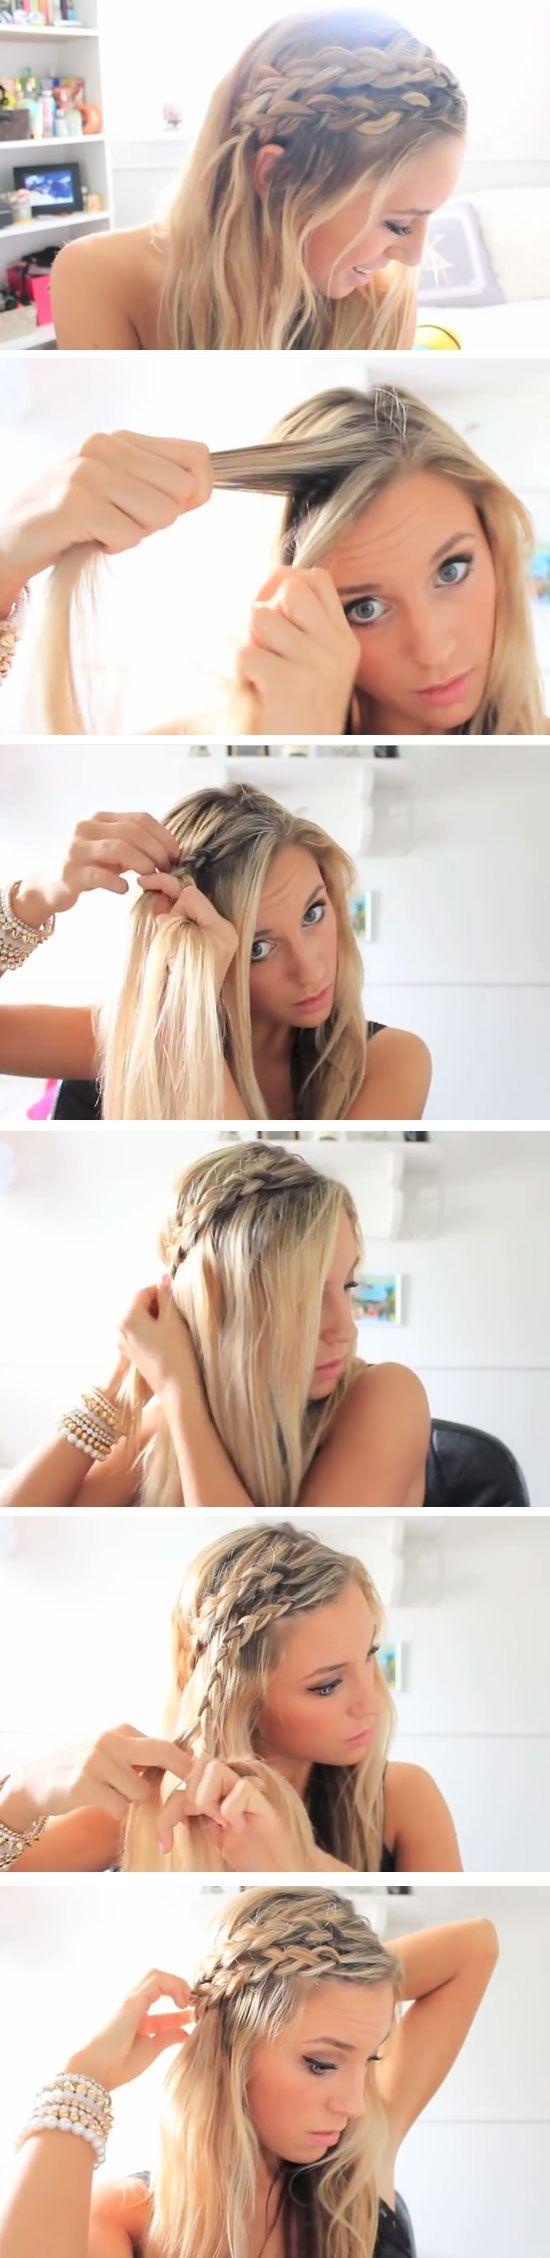 Sonne und Strand in den Haaren - Frisuren Ideen für den Sommer